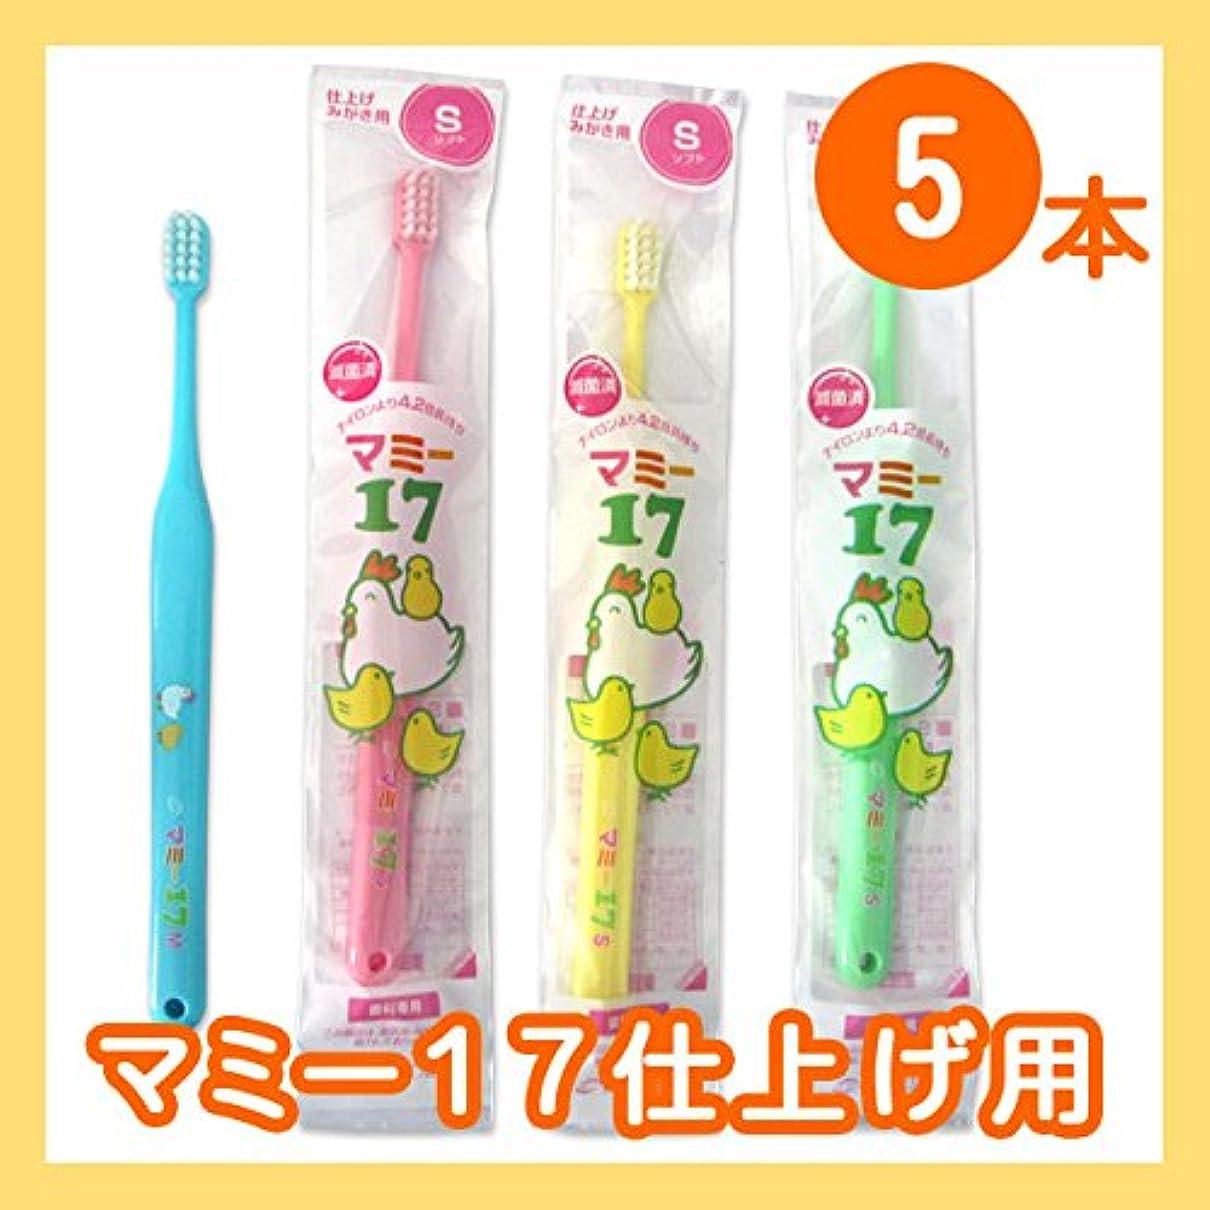 特許サンプル強化するオーラルケア マミー17 子供 点検?仕上げ磨き用 歯ブラシ 5本セットソフト ミディアム ブルー